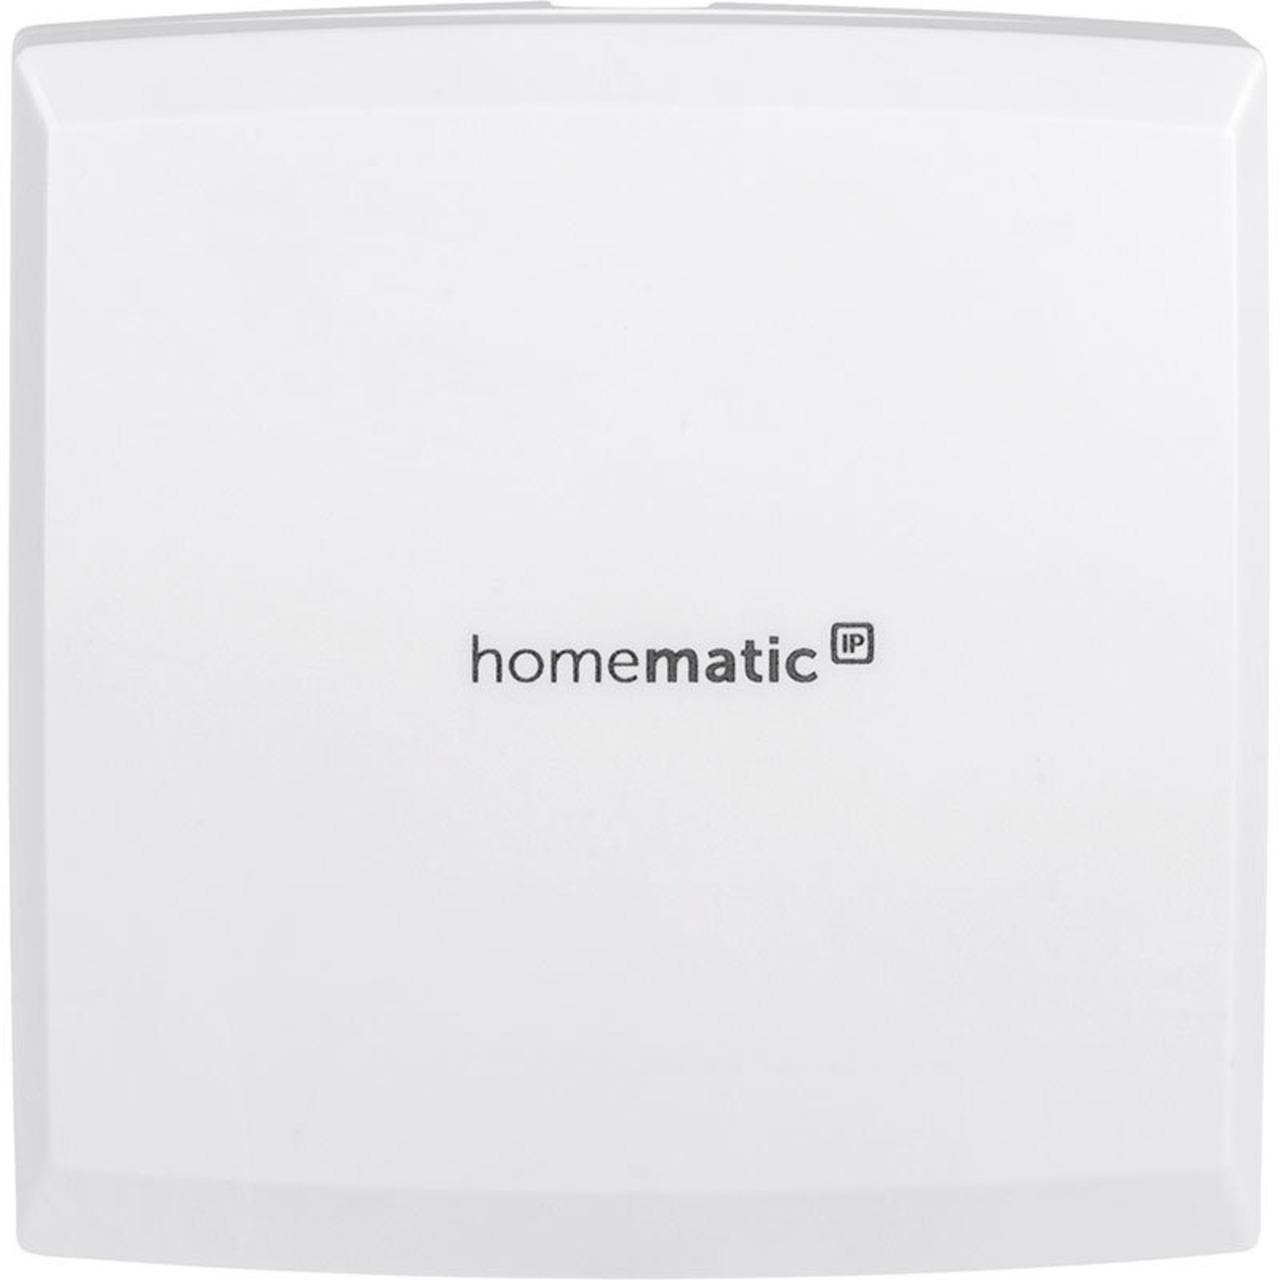 ELV Homematic IP Komplettbausatz Garagentortaster-Schaltaktor HmIP-WGC- für Smart Home - Hausautomation